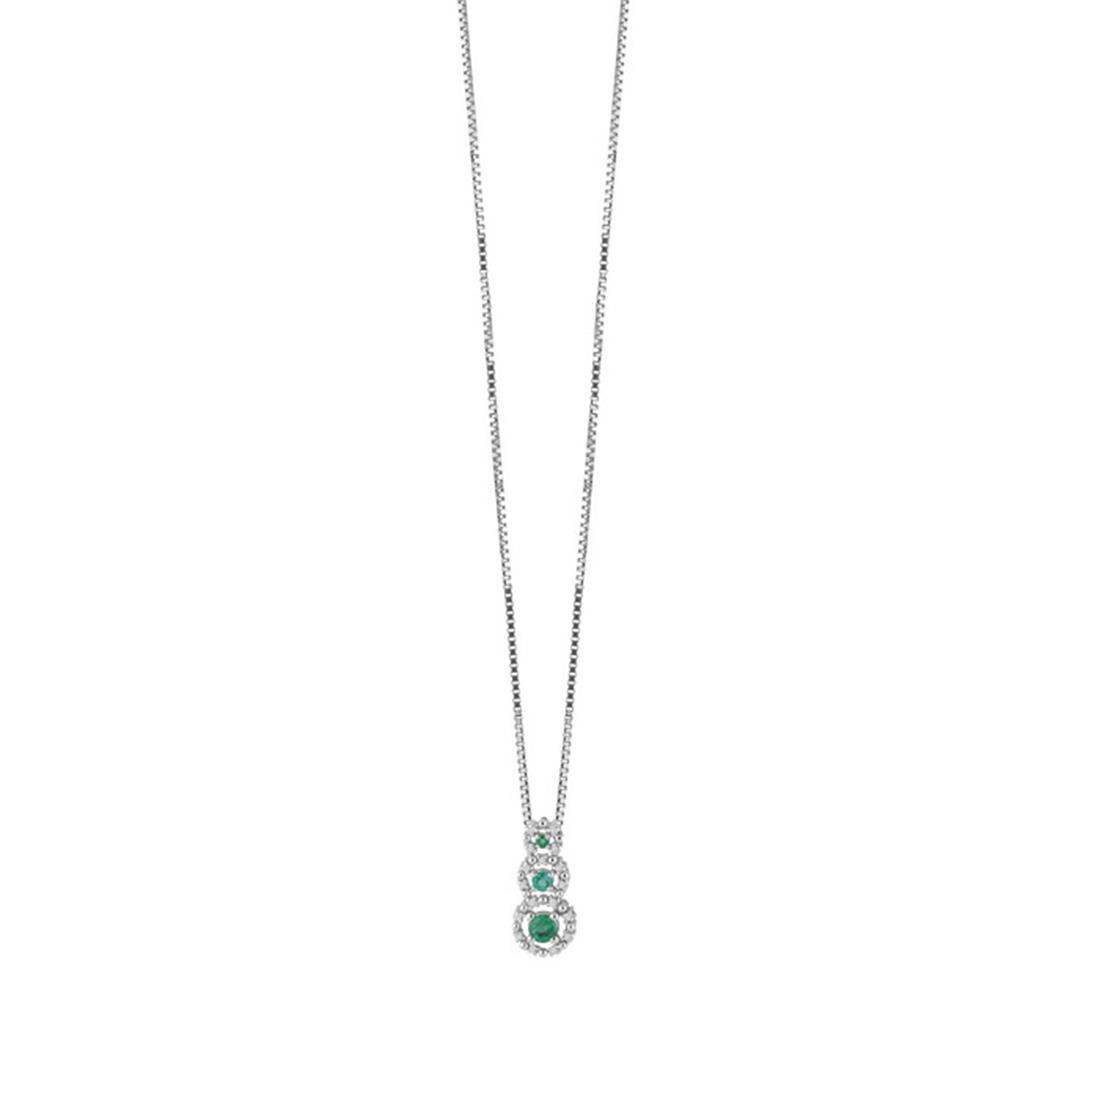 Collana con diamanti 0.09 ct e smeraldi 0.25 ct - BLISS